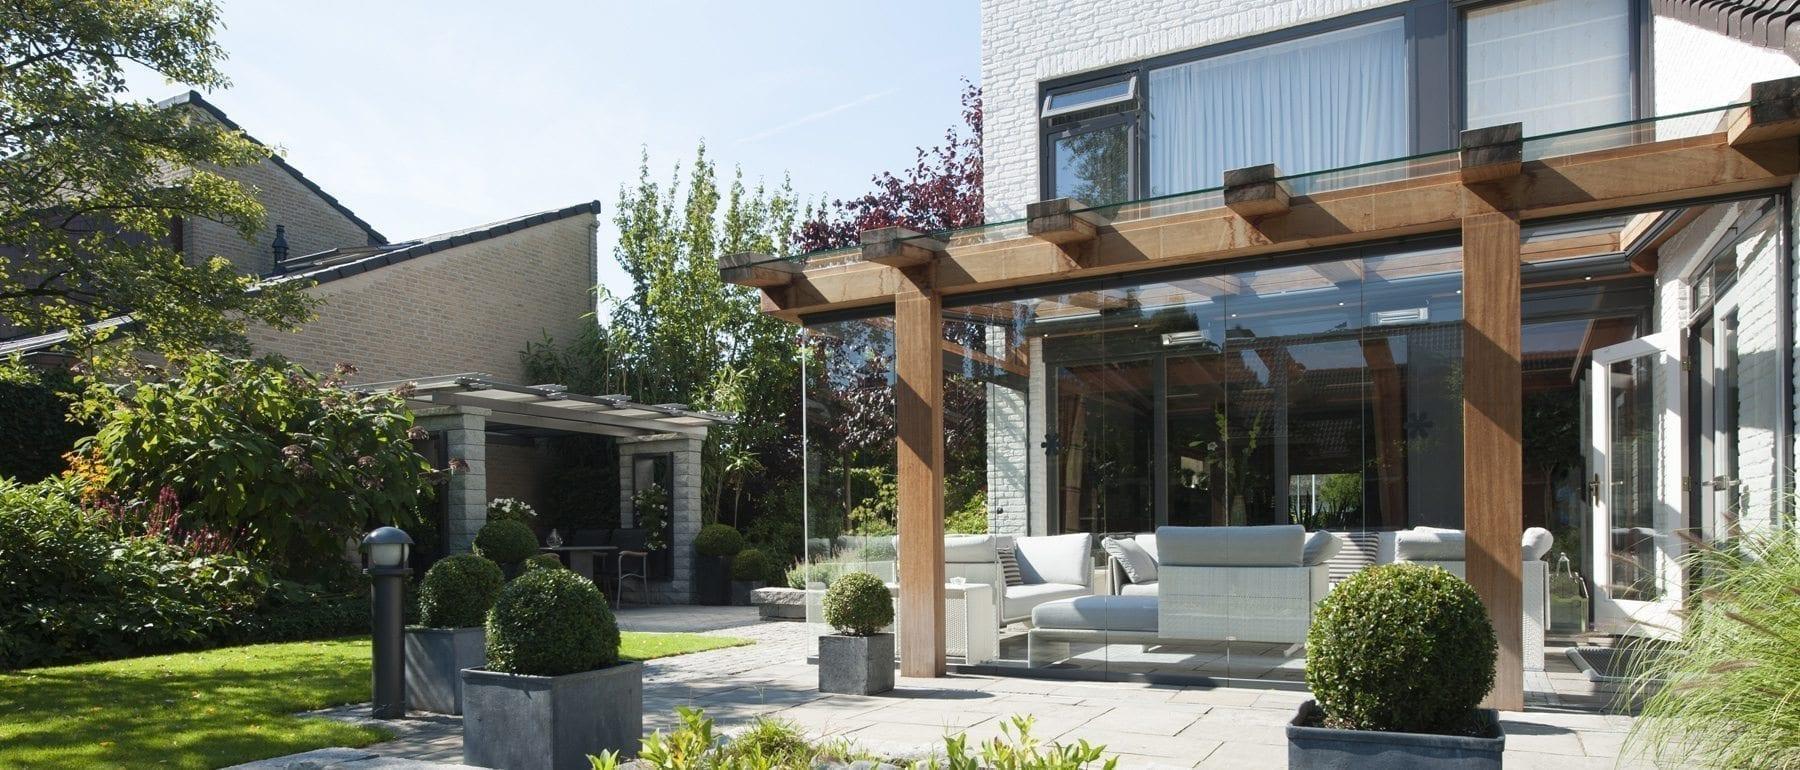 Houten terrasoverkappingen met glas